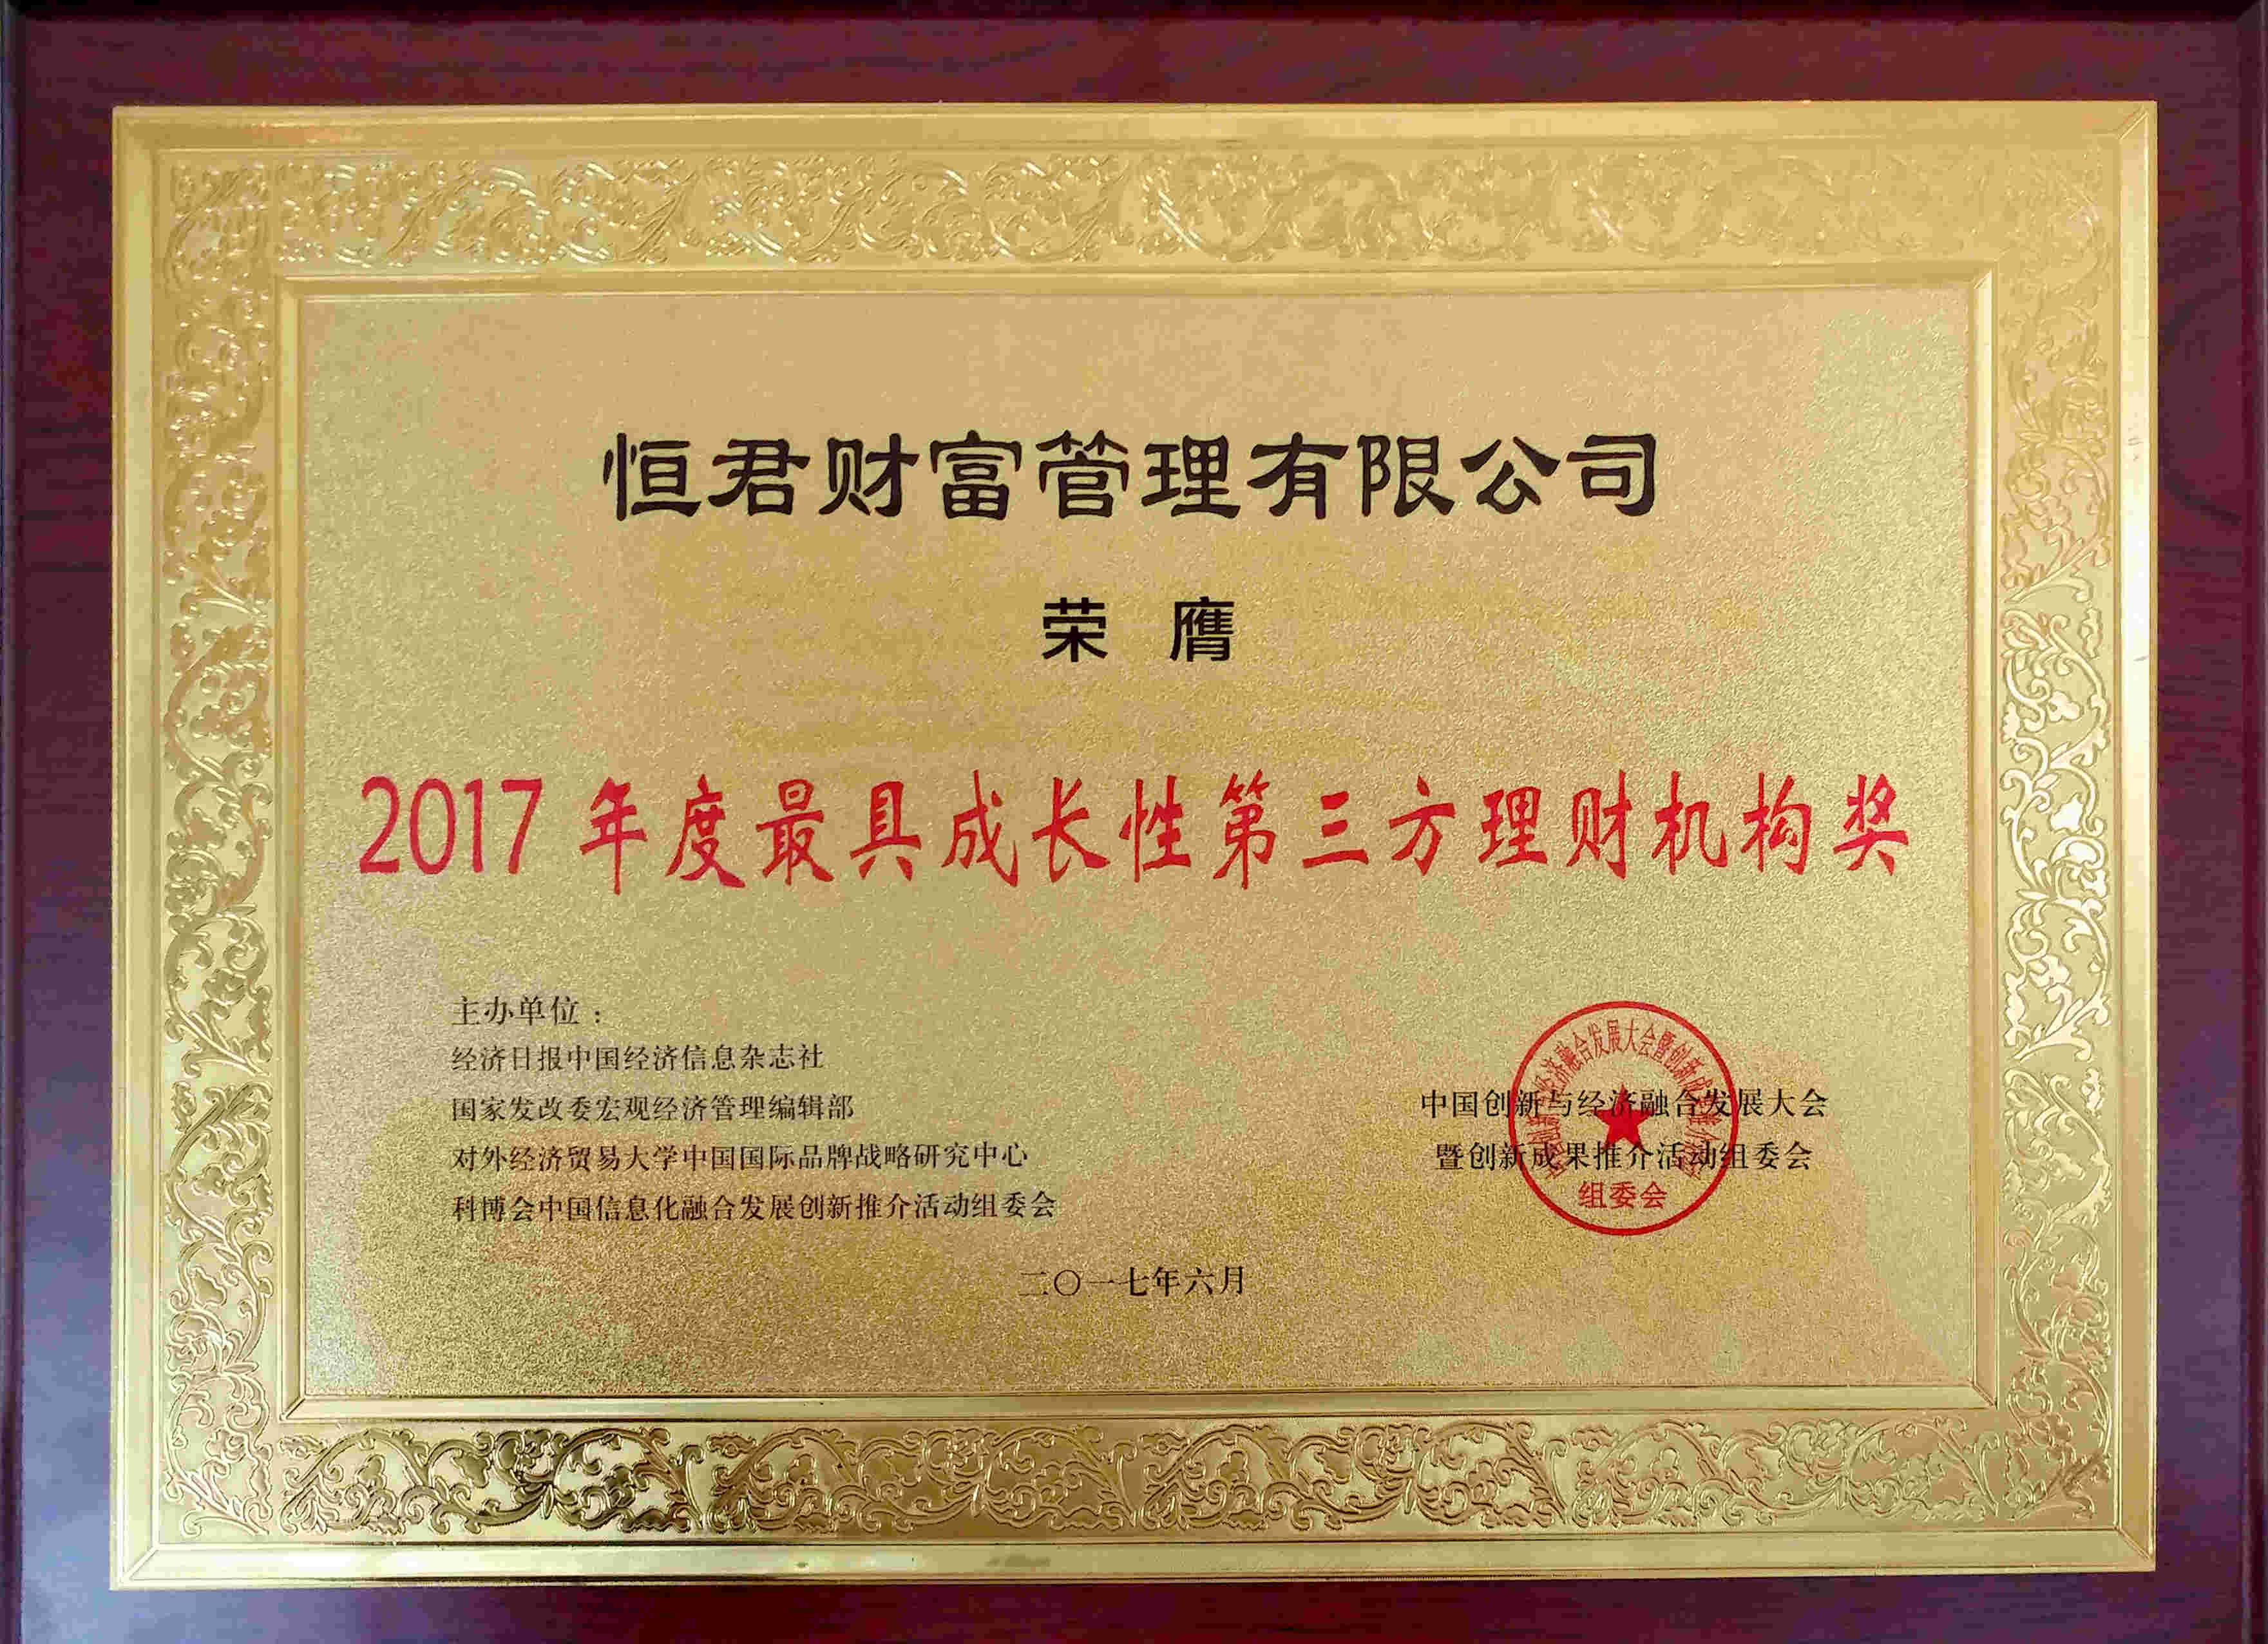 2017年度最具成长性第三方理财机构奖